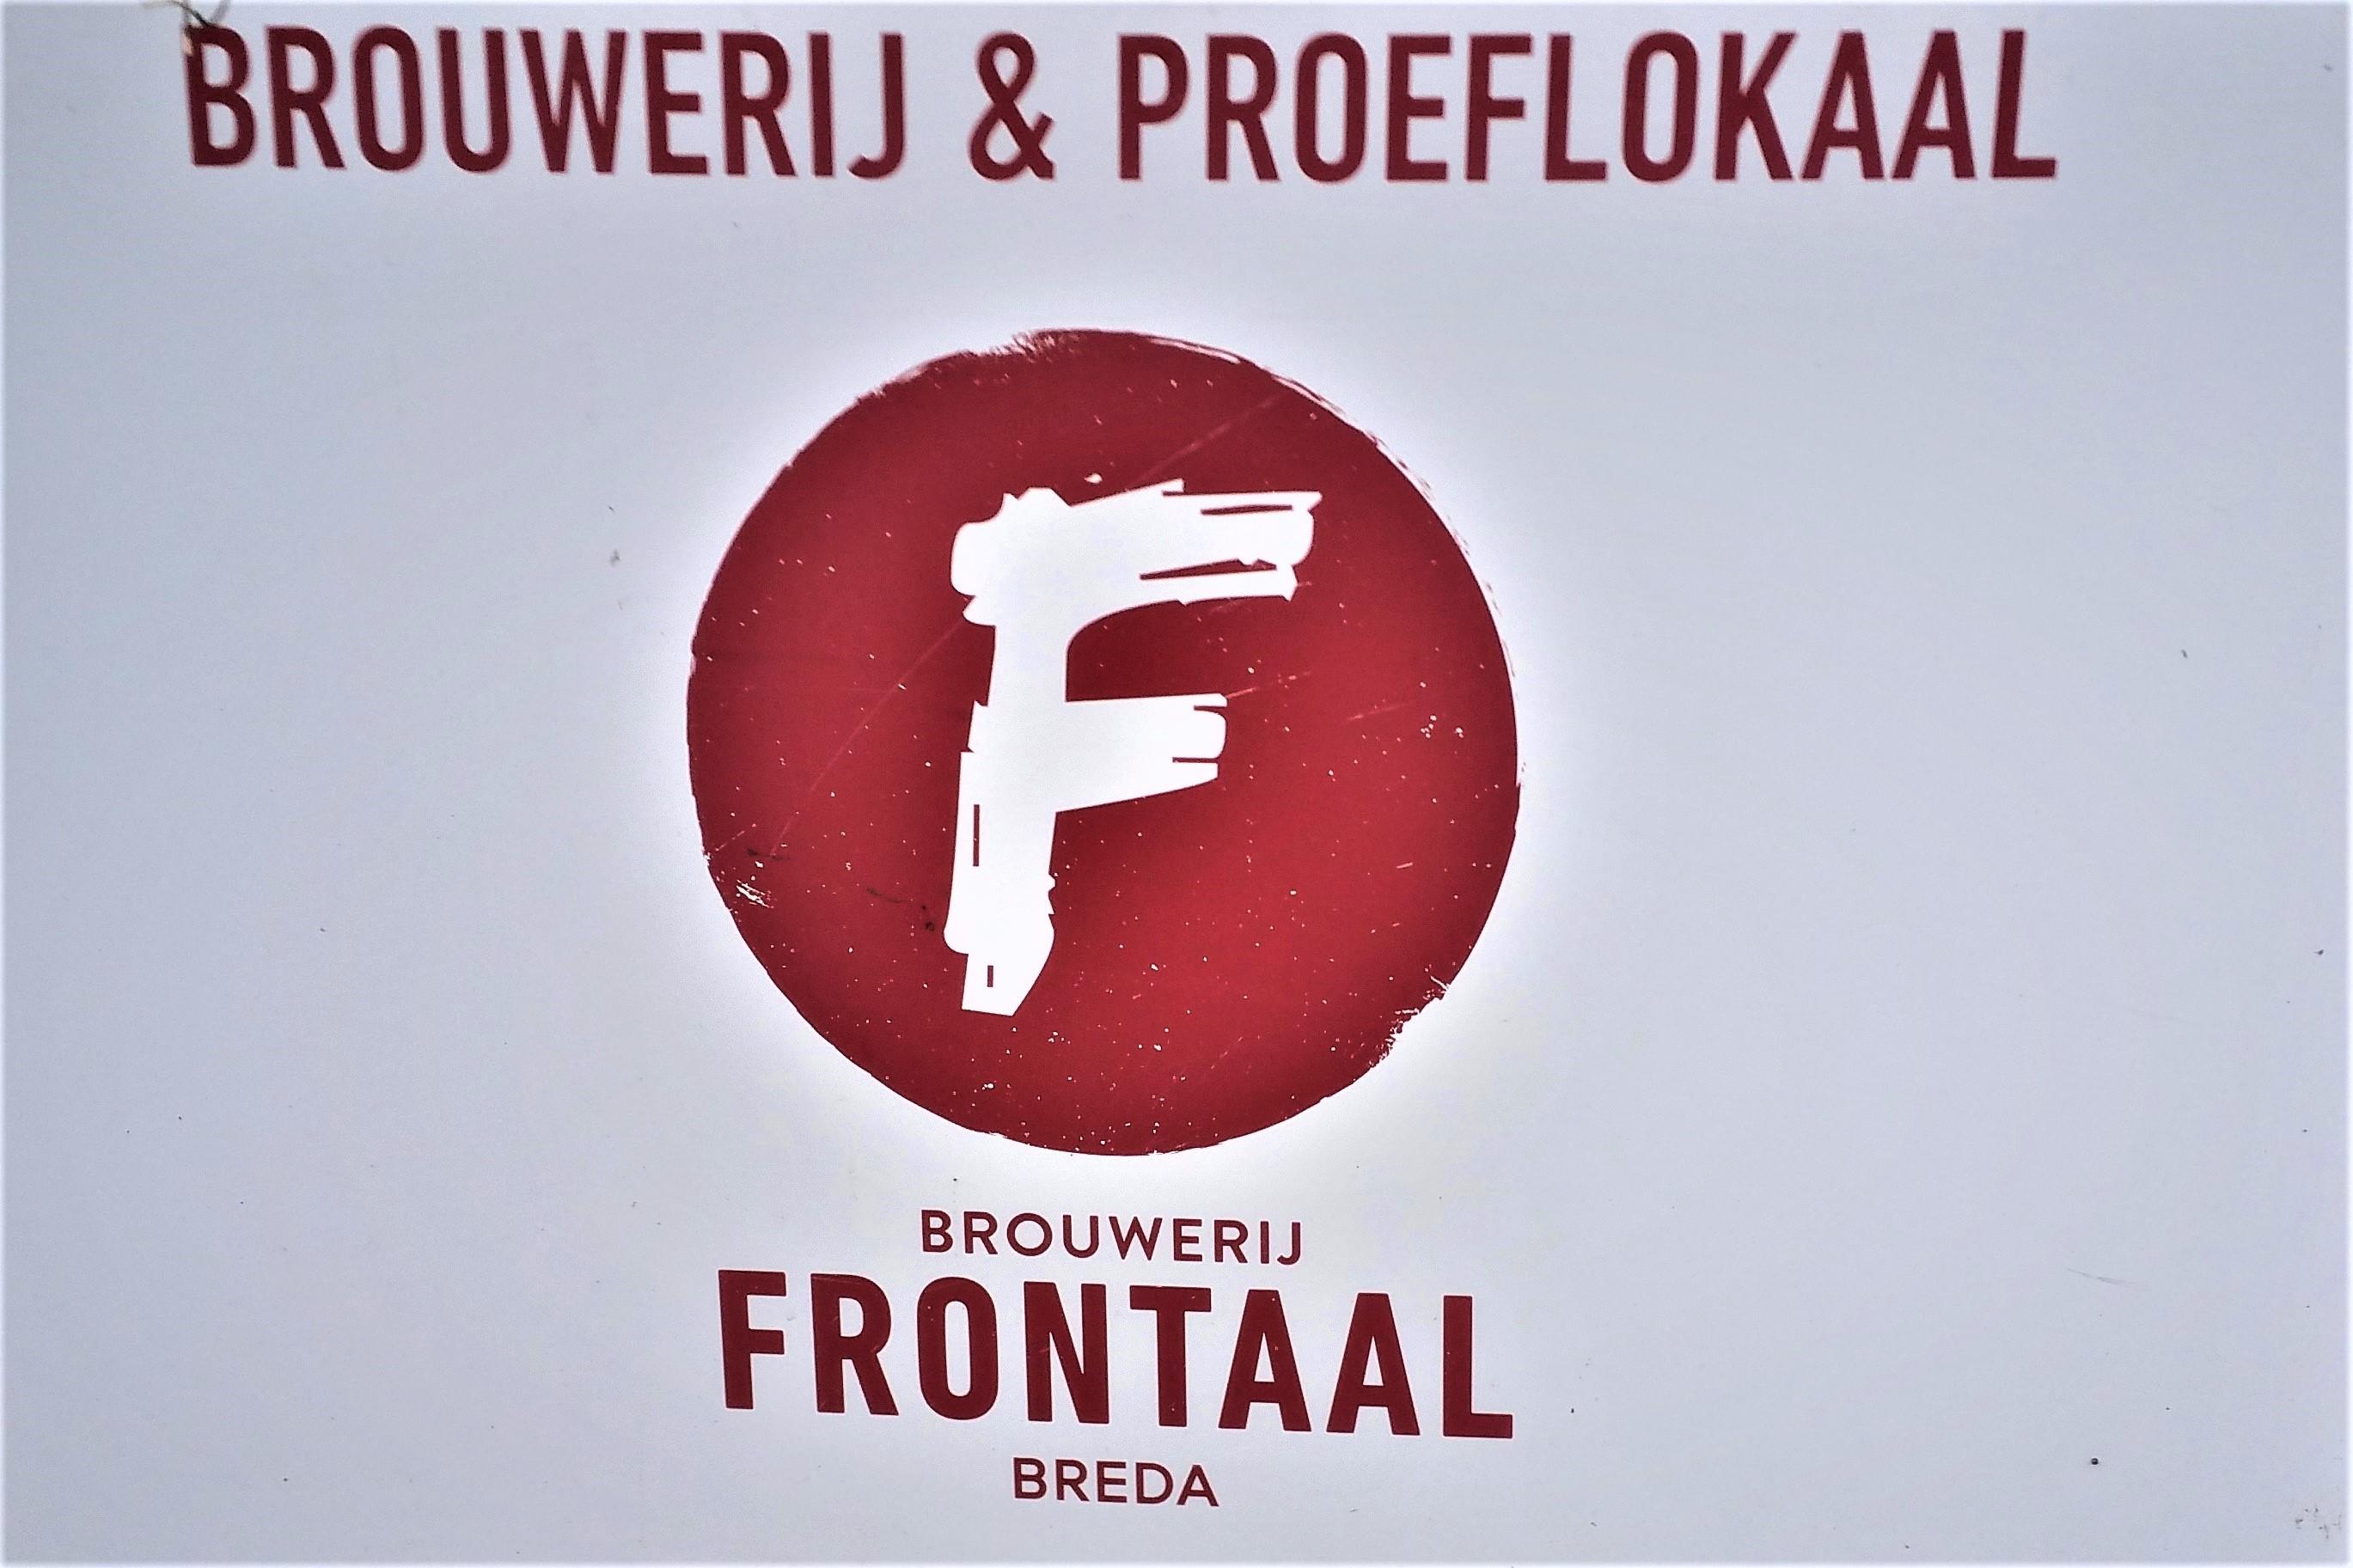 Breda, Frontaal, brouwerij, bier, proeflokaal